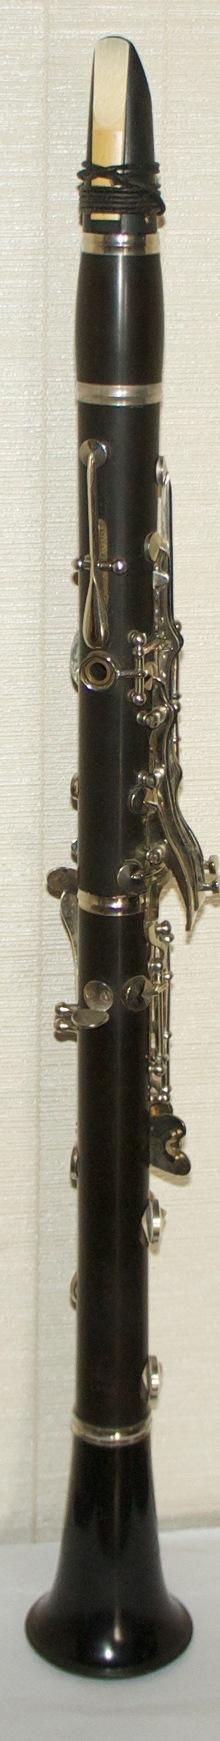 Кларнет отечественный 1985 чёрный